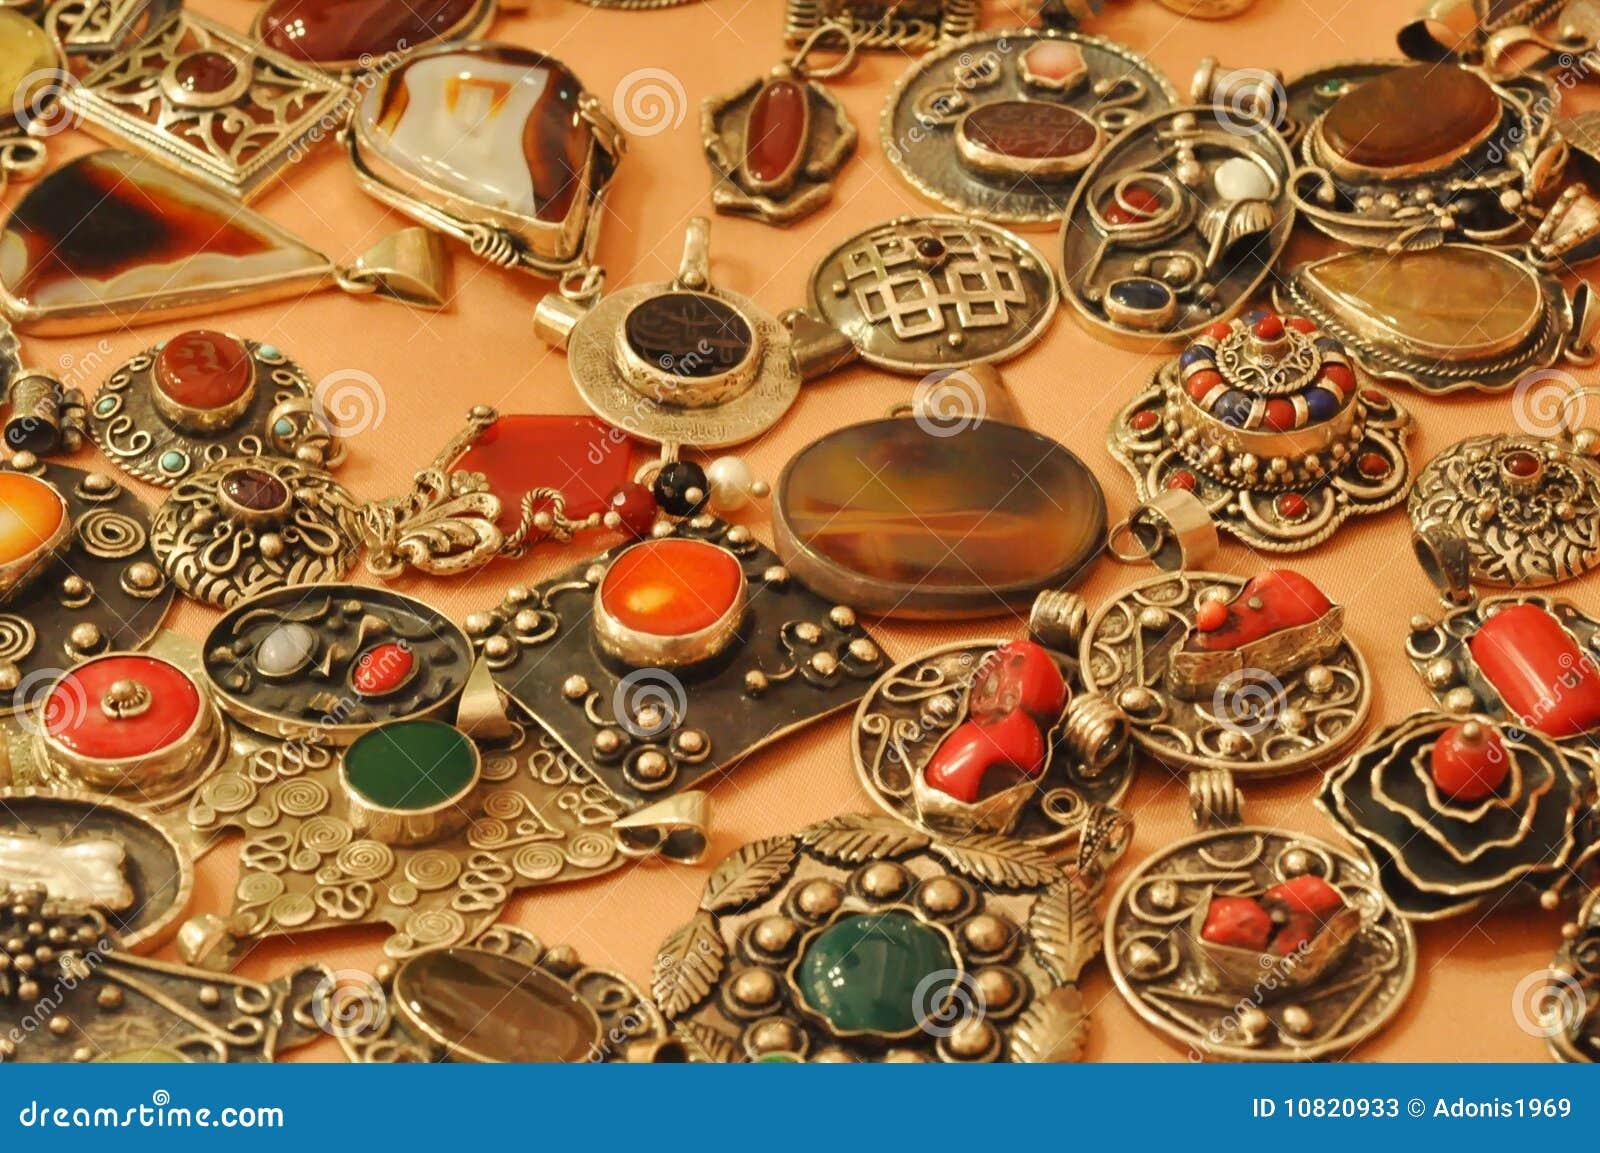 Turkse Jewelery